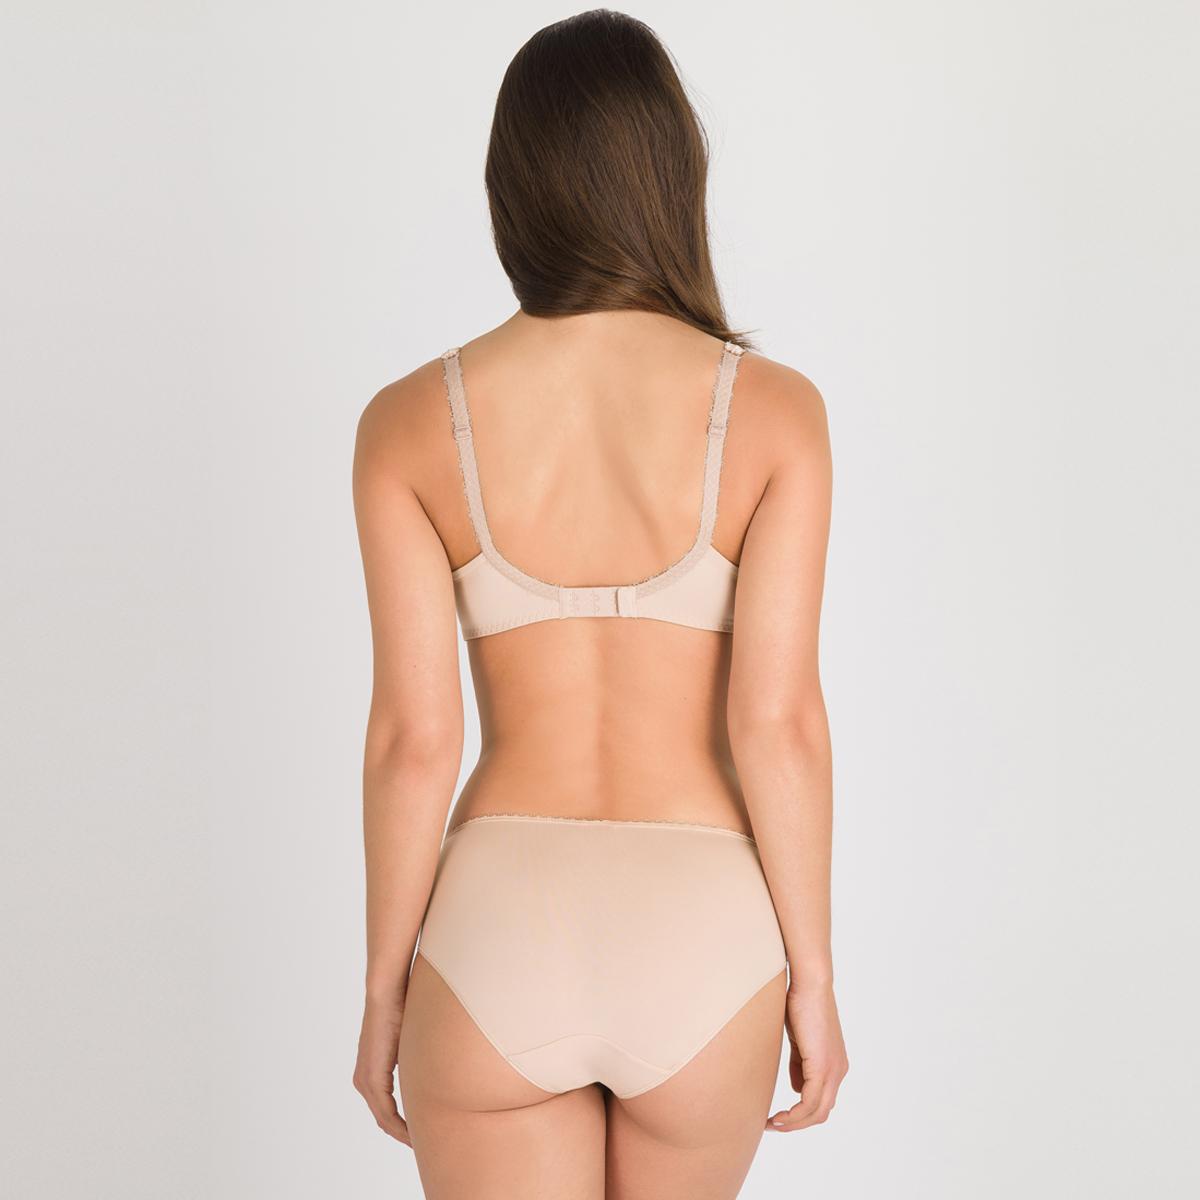 Spacer bra in beige - Flower Elegance, , PLAYTEX